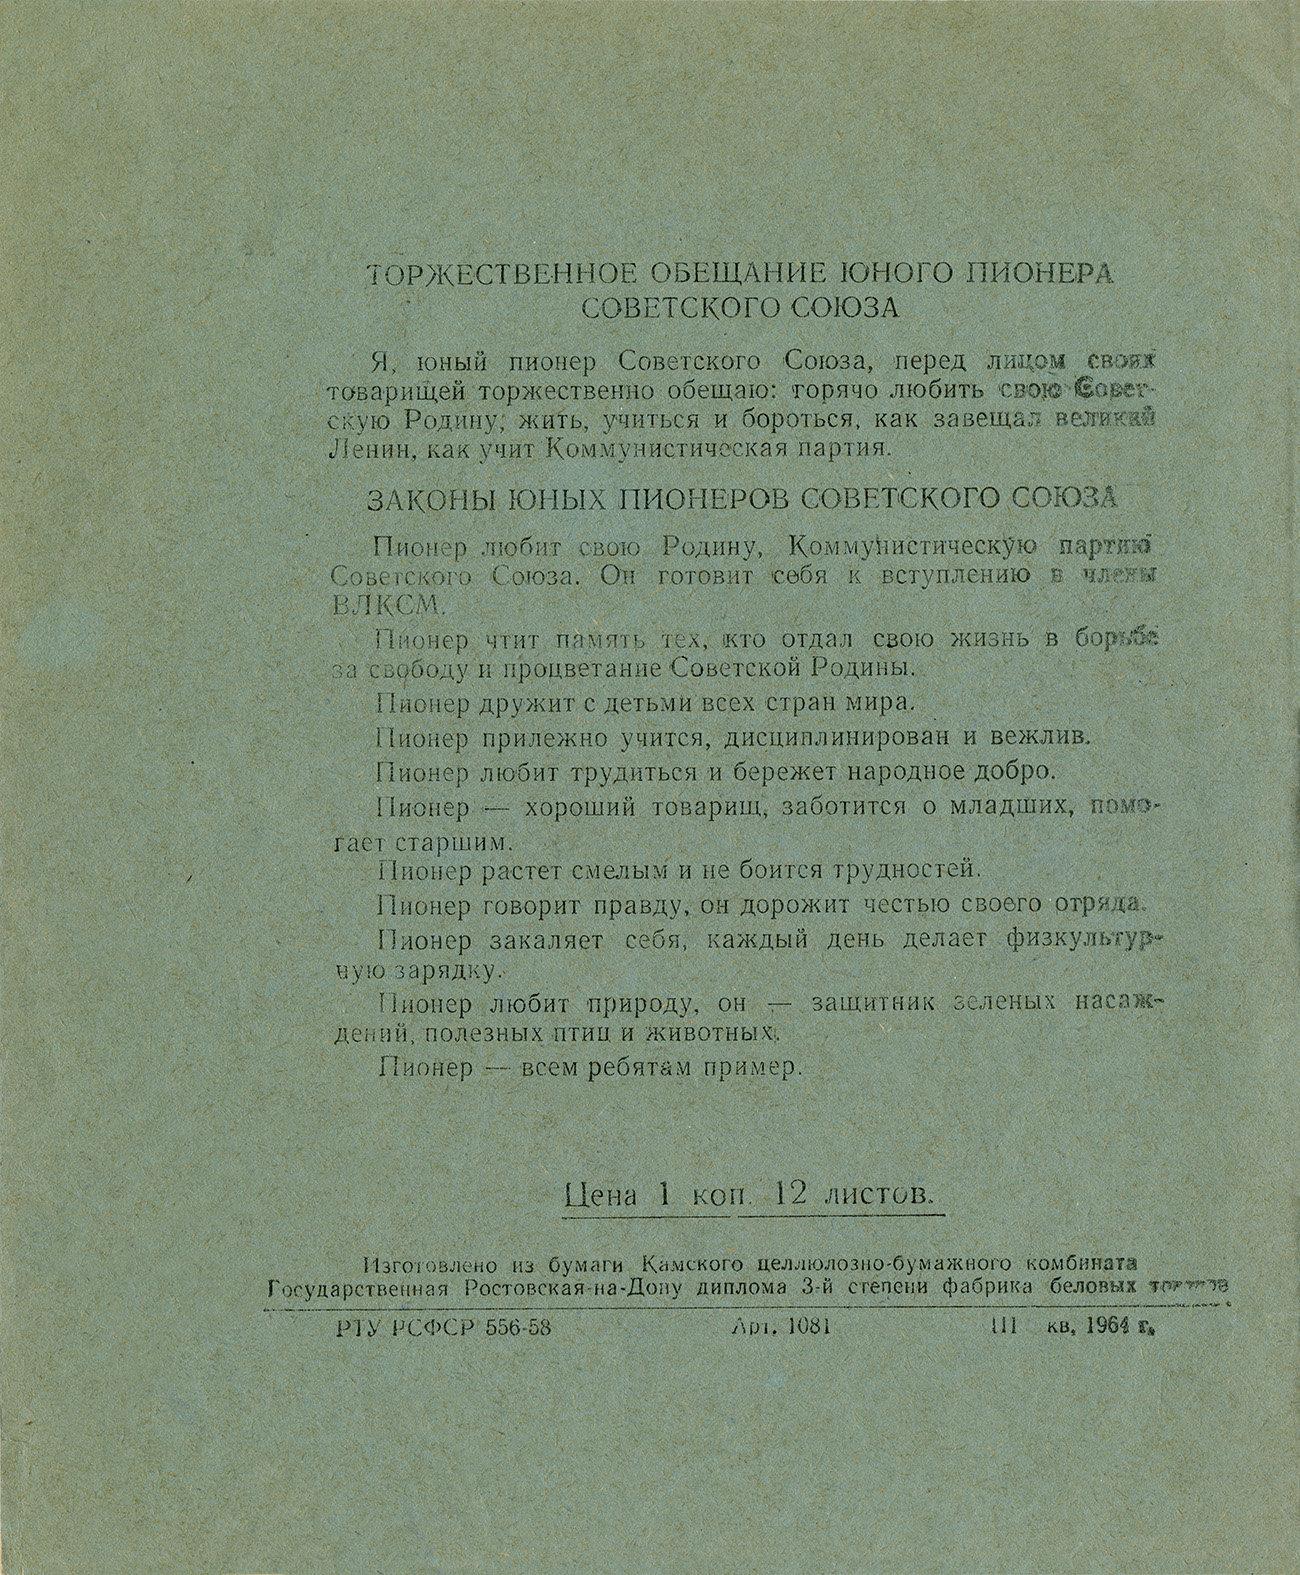 Тетрадь 1964 г. оборот